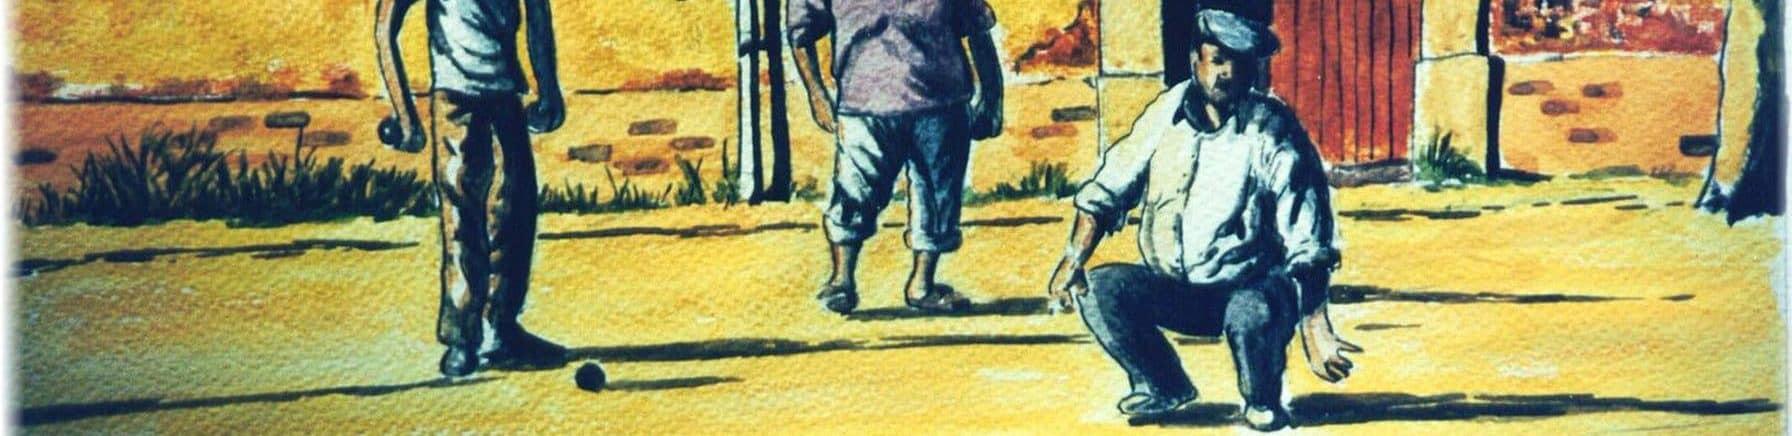 Pétanque : Boule de petanque